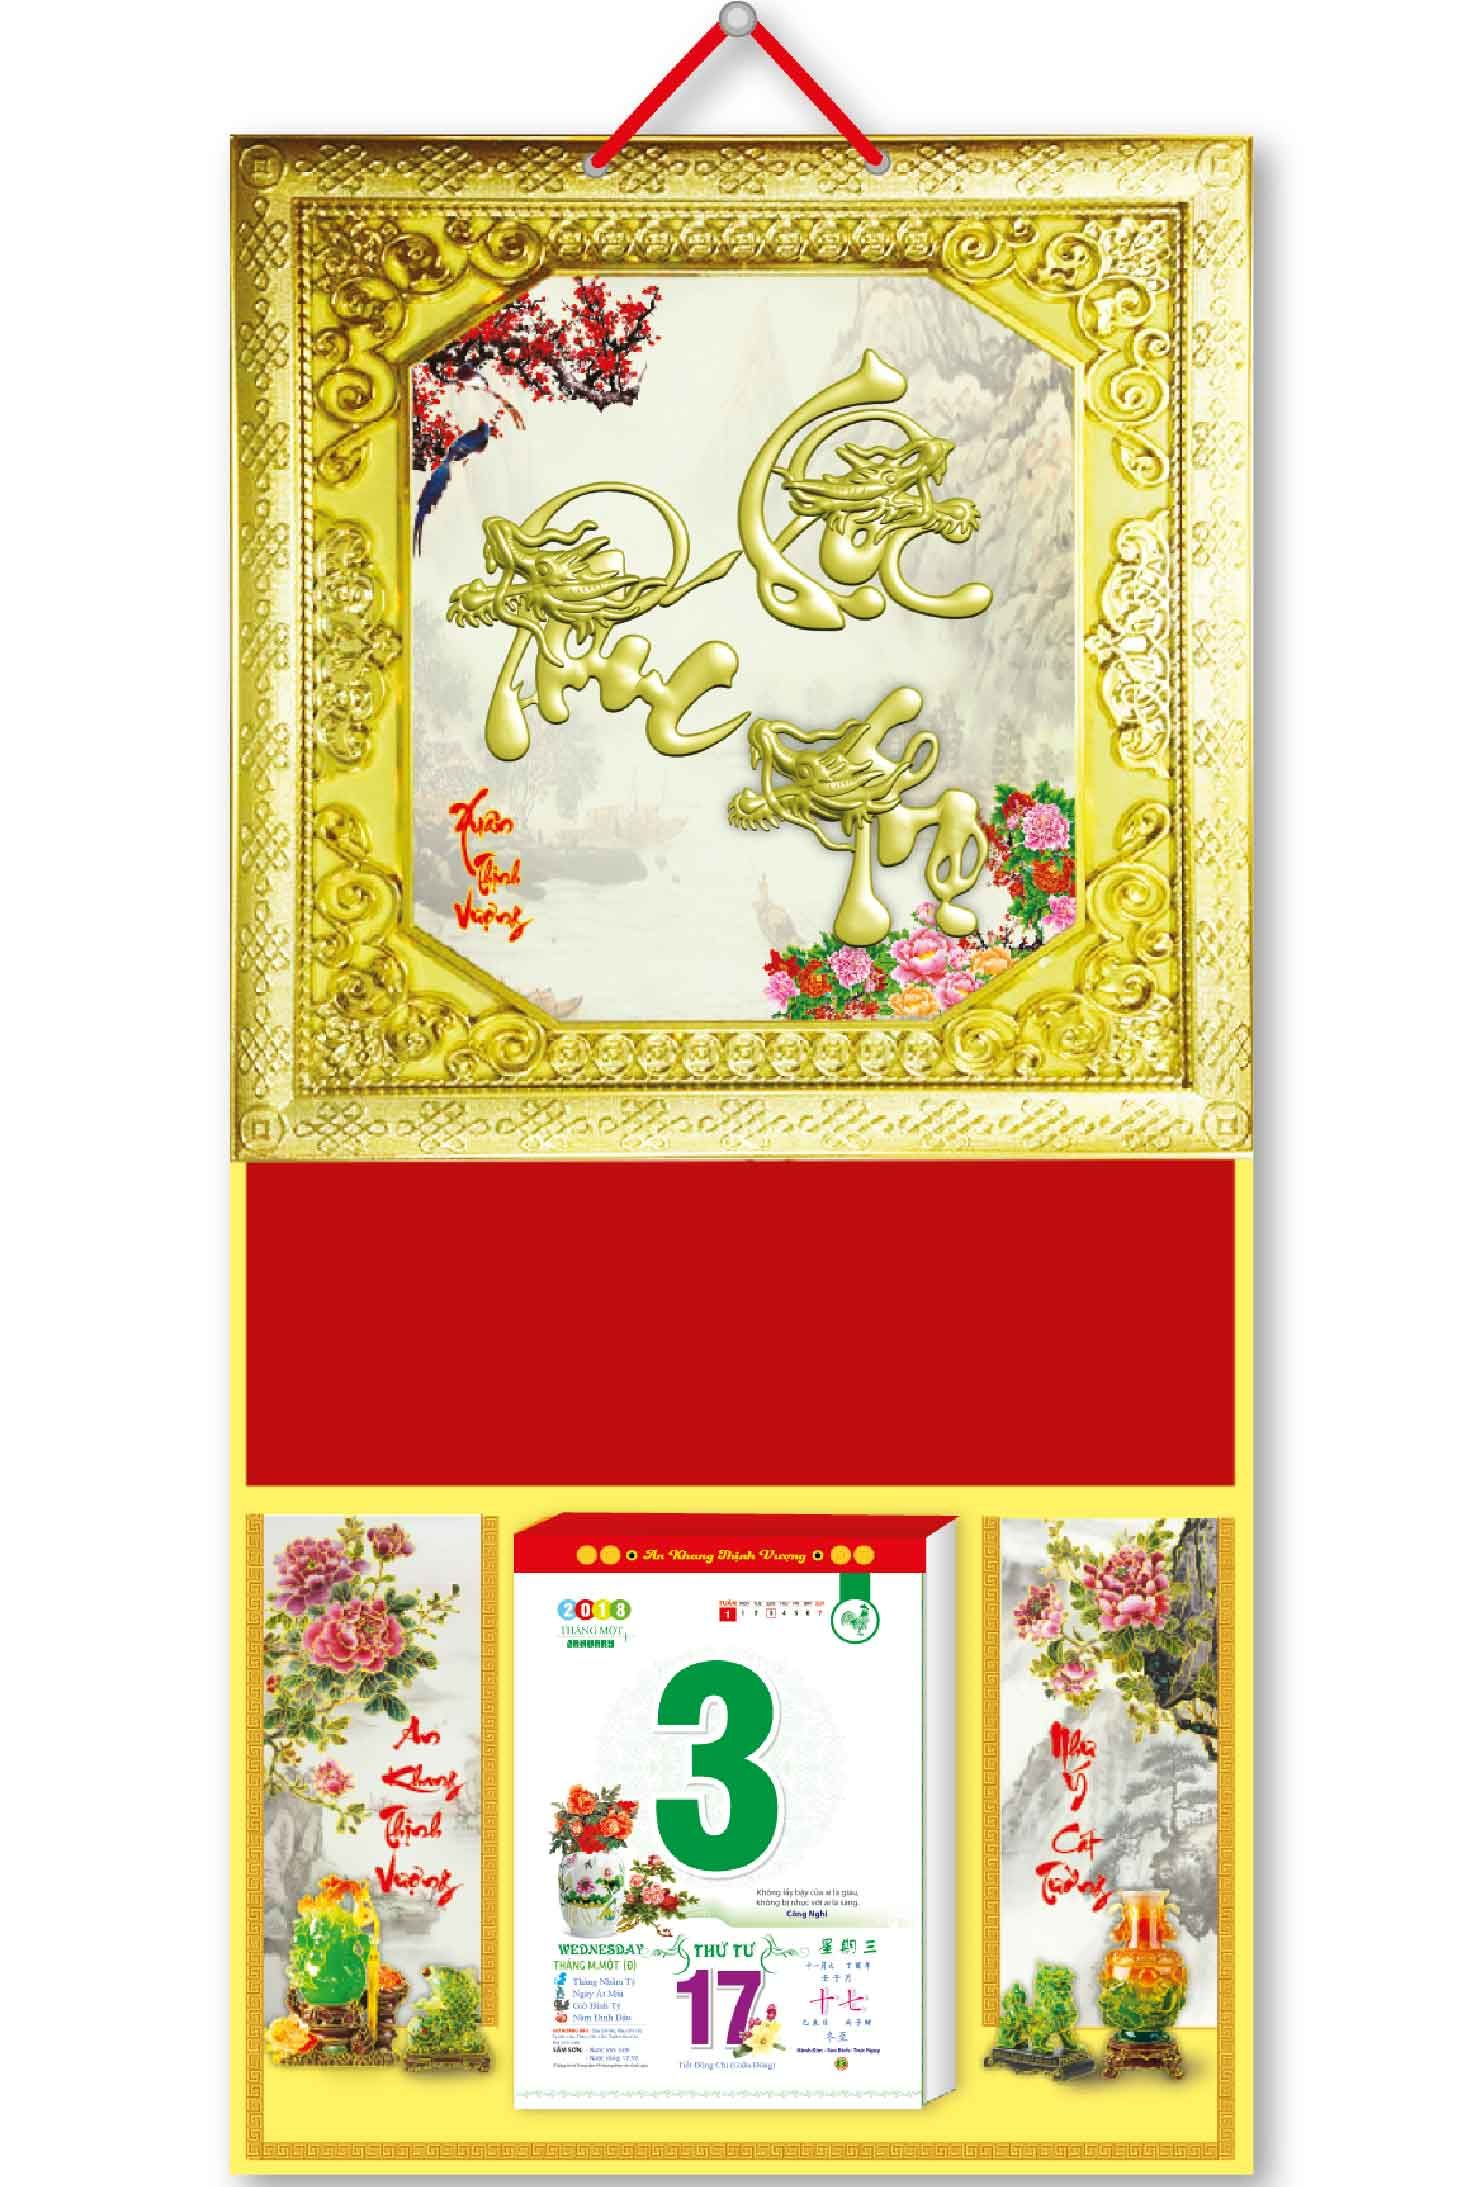 KV52 - Bìa Treo Lịch 2018 Da Simili Dán Chữ Nổi (35 x 70cm) - Khung vàng, Dán Chữ Phúc Lộc Thọ Đầu Rồng Nhỏ - EBOOK/PDF/PRC/EPUB